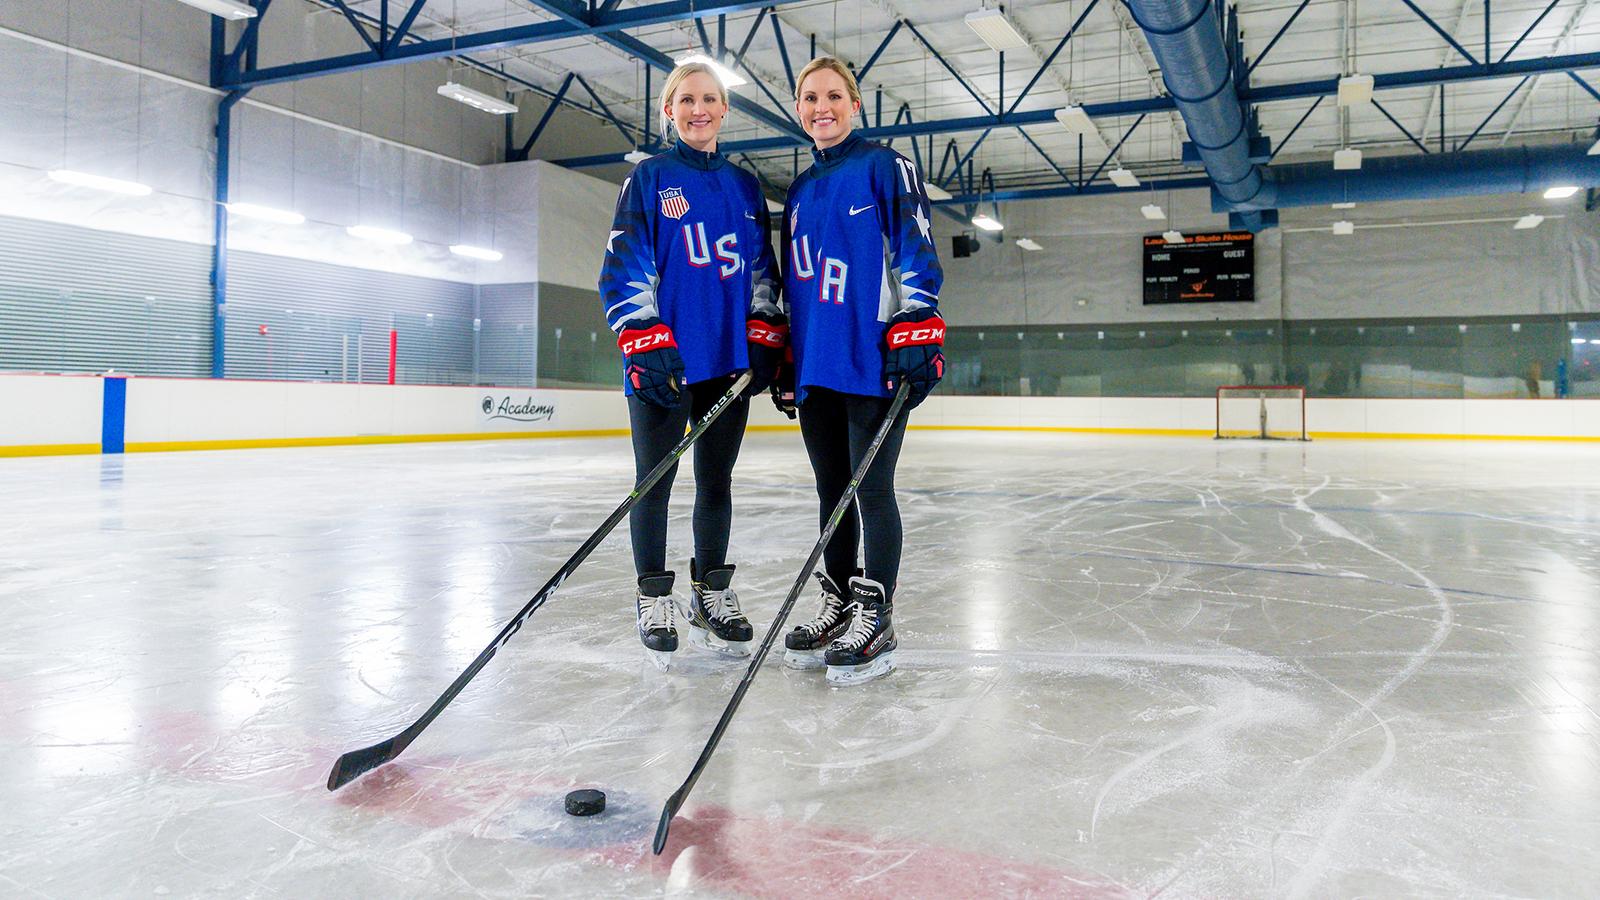 Monique Morando & Jocelyn Davidson